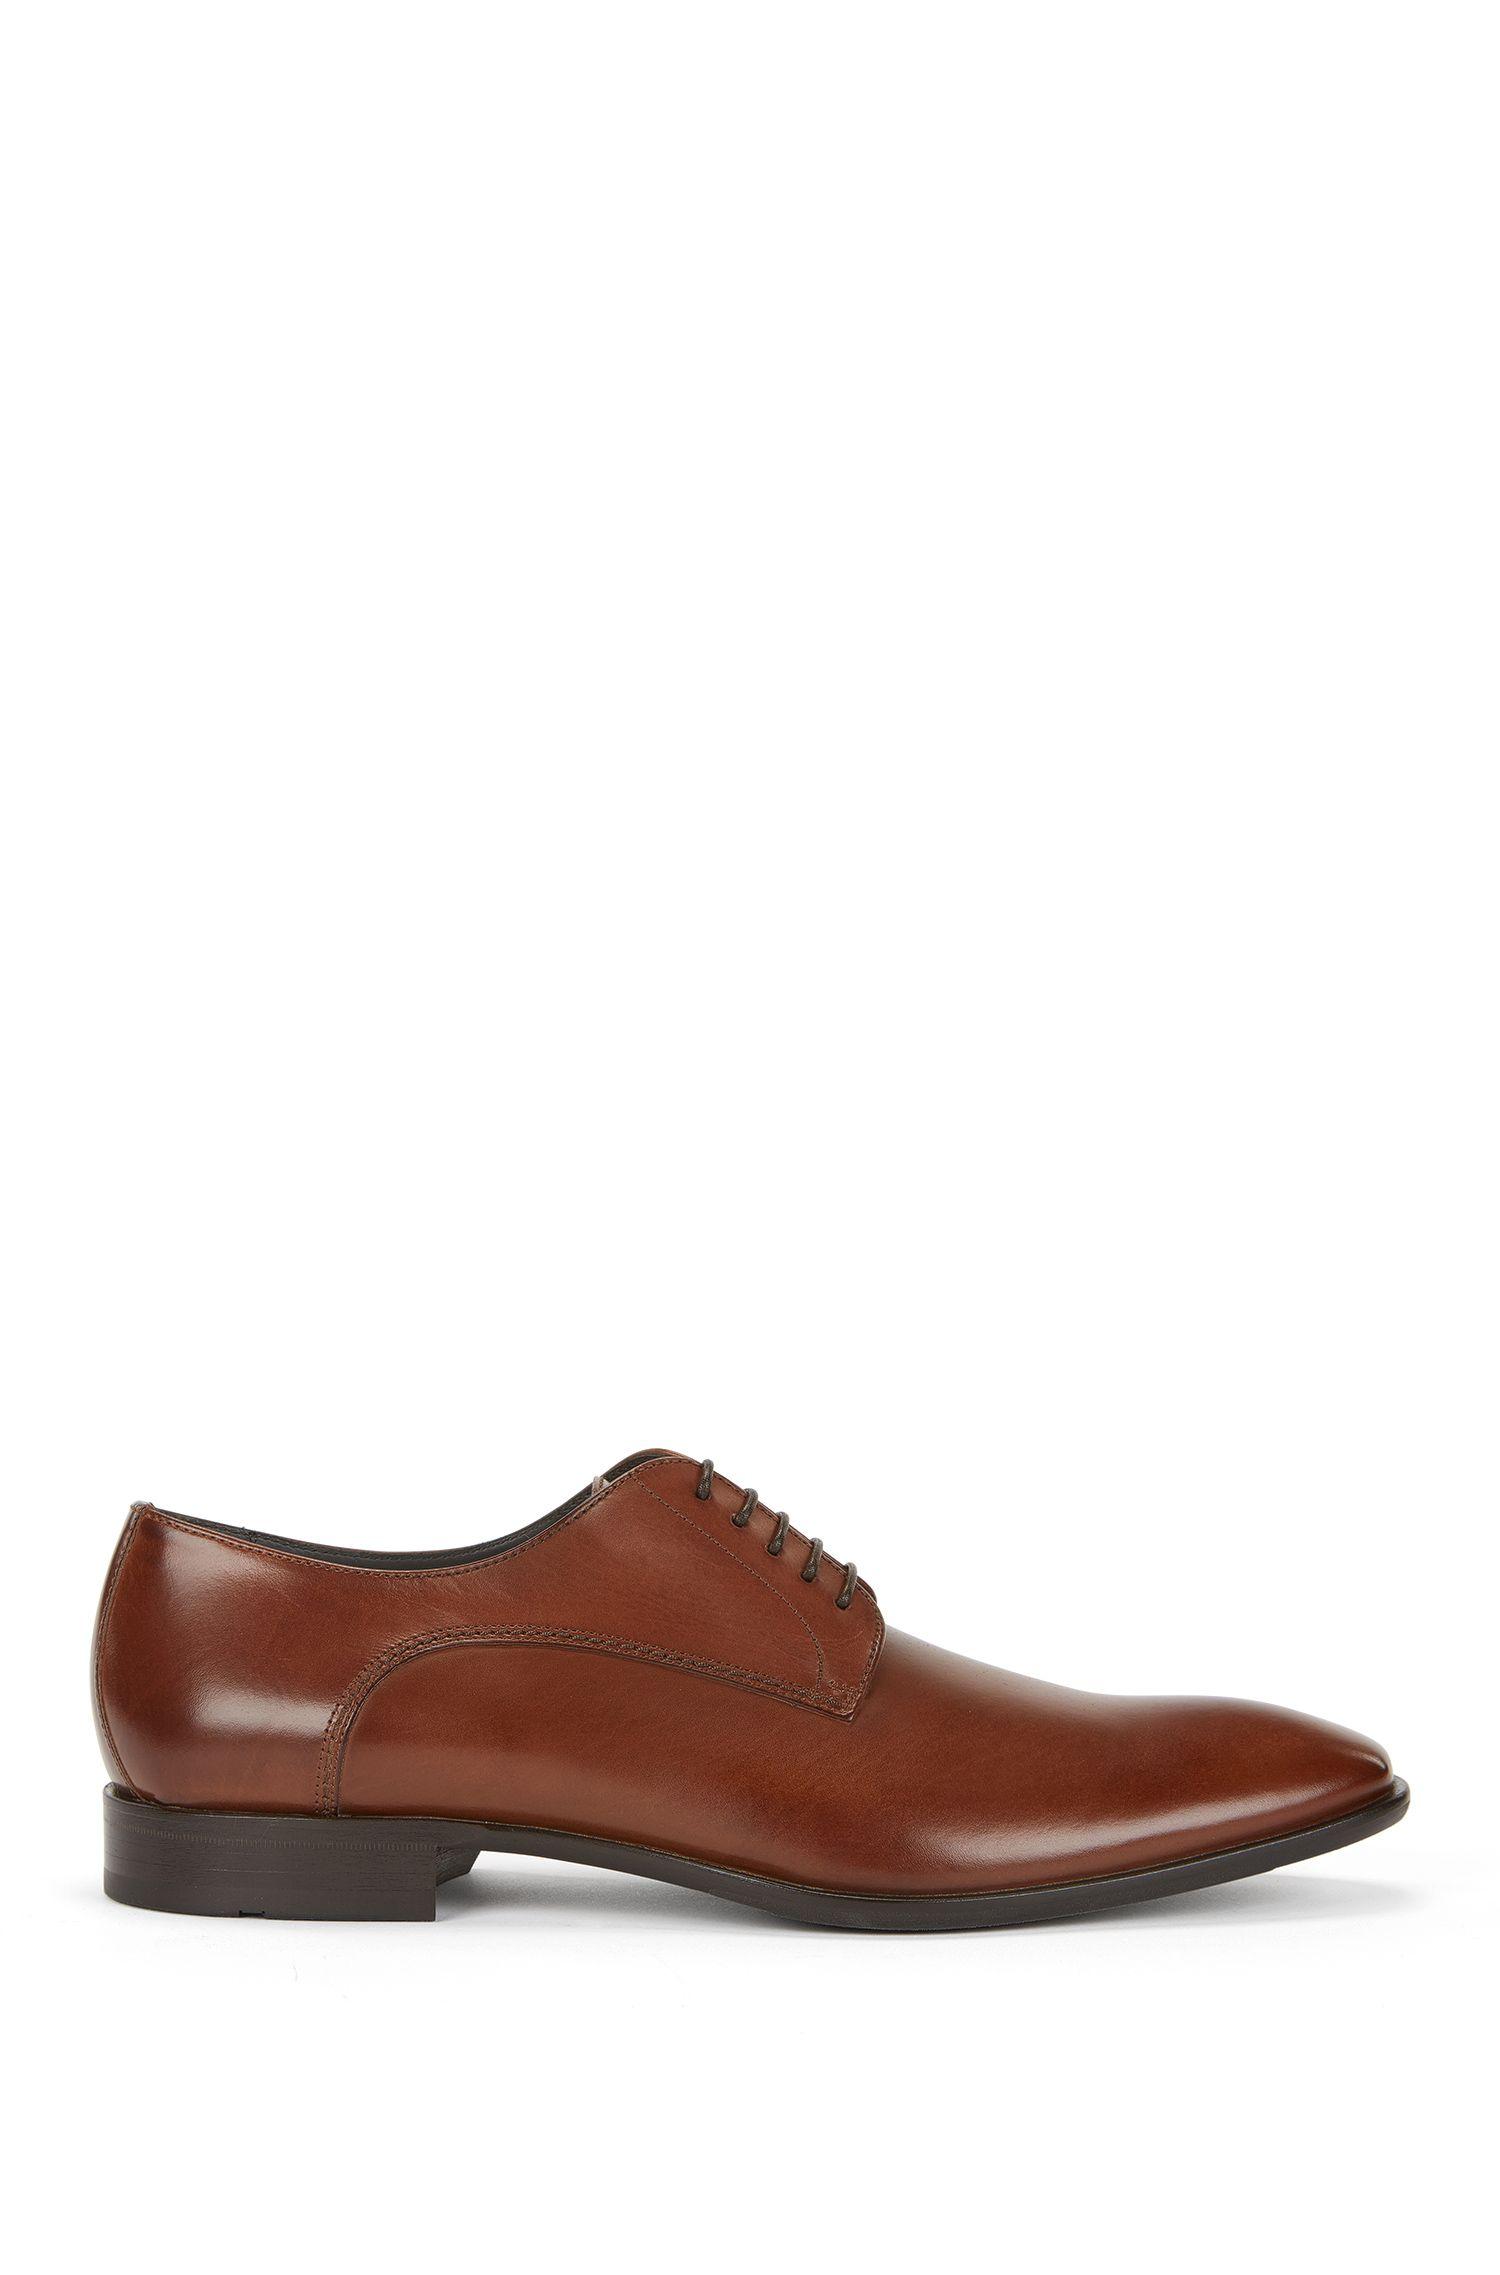 Scarpe Oxford di pelle con finitura anticata